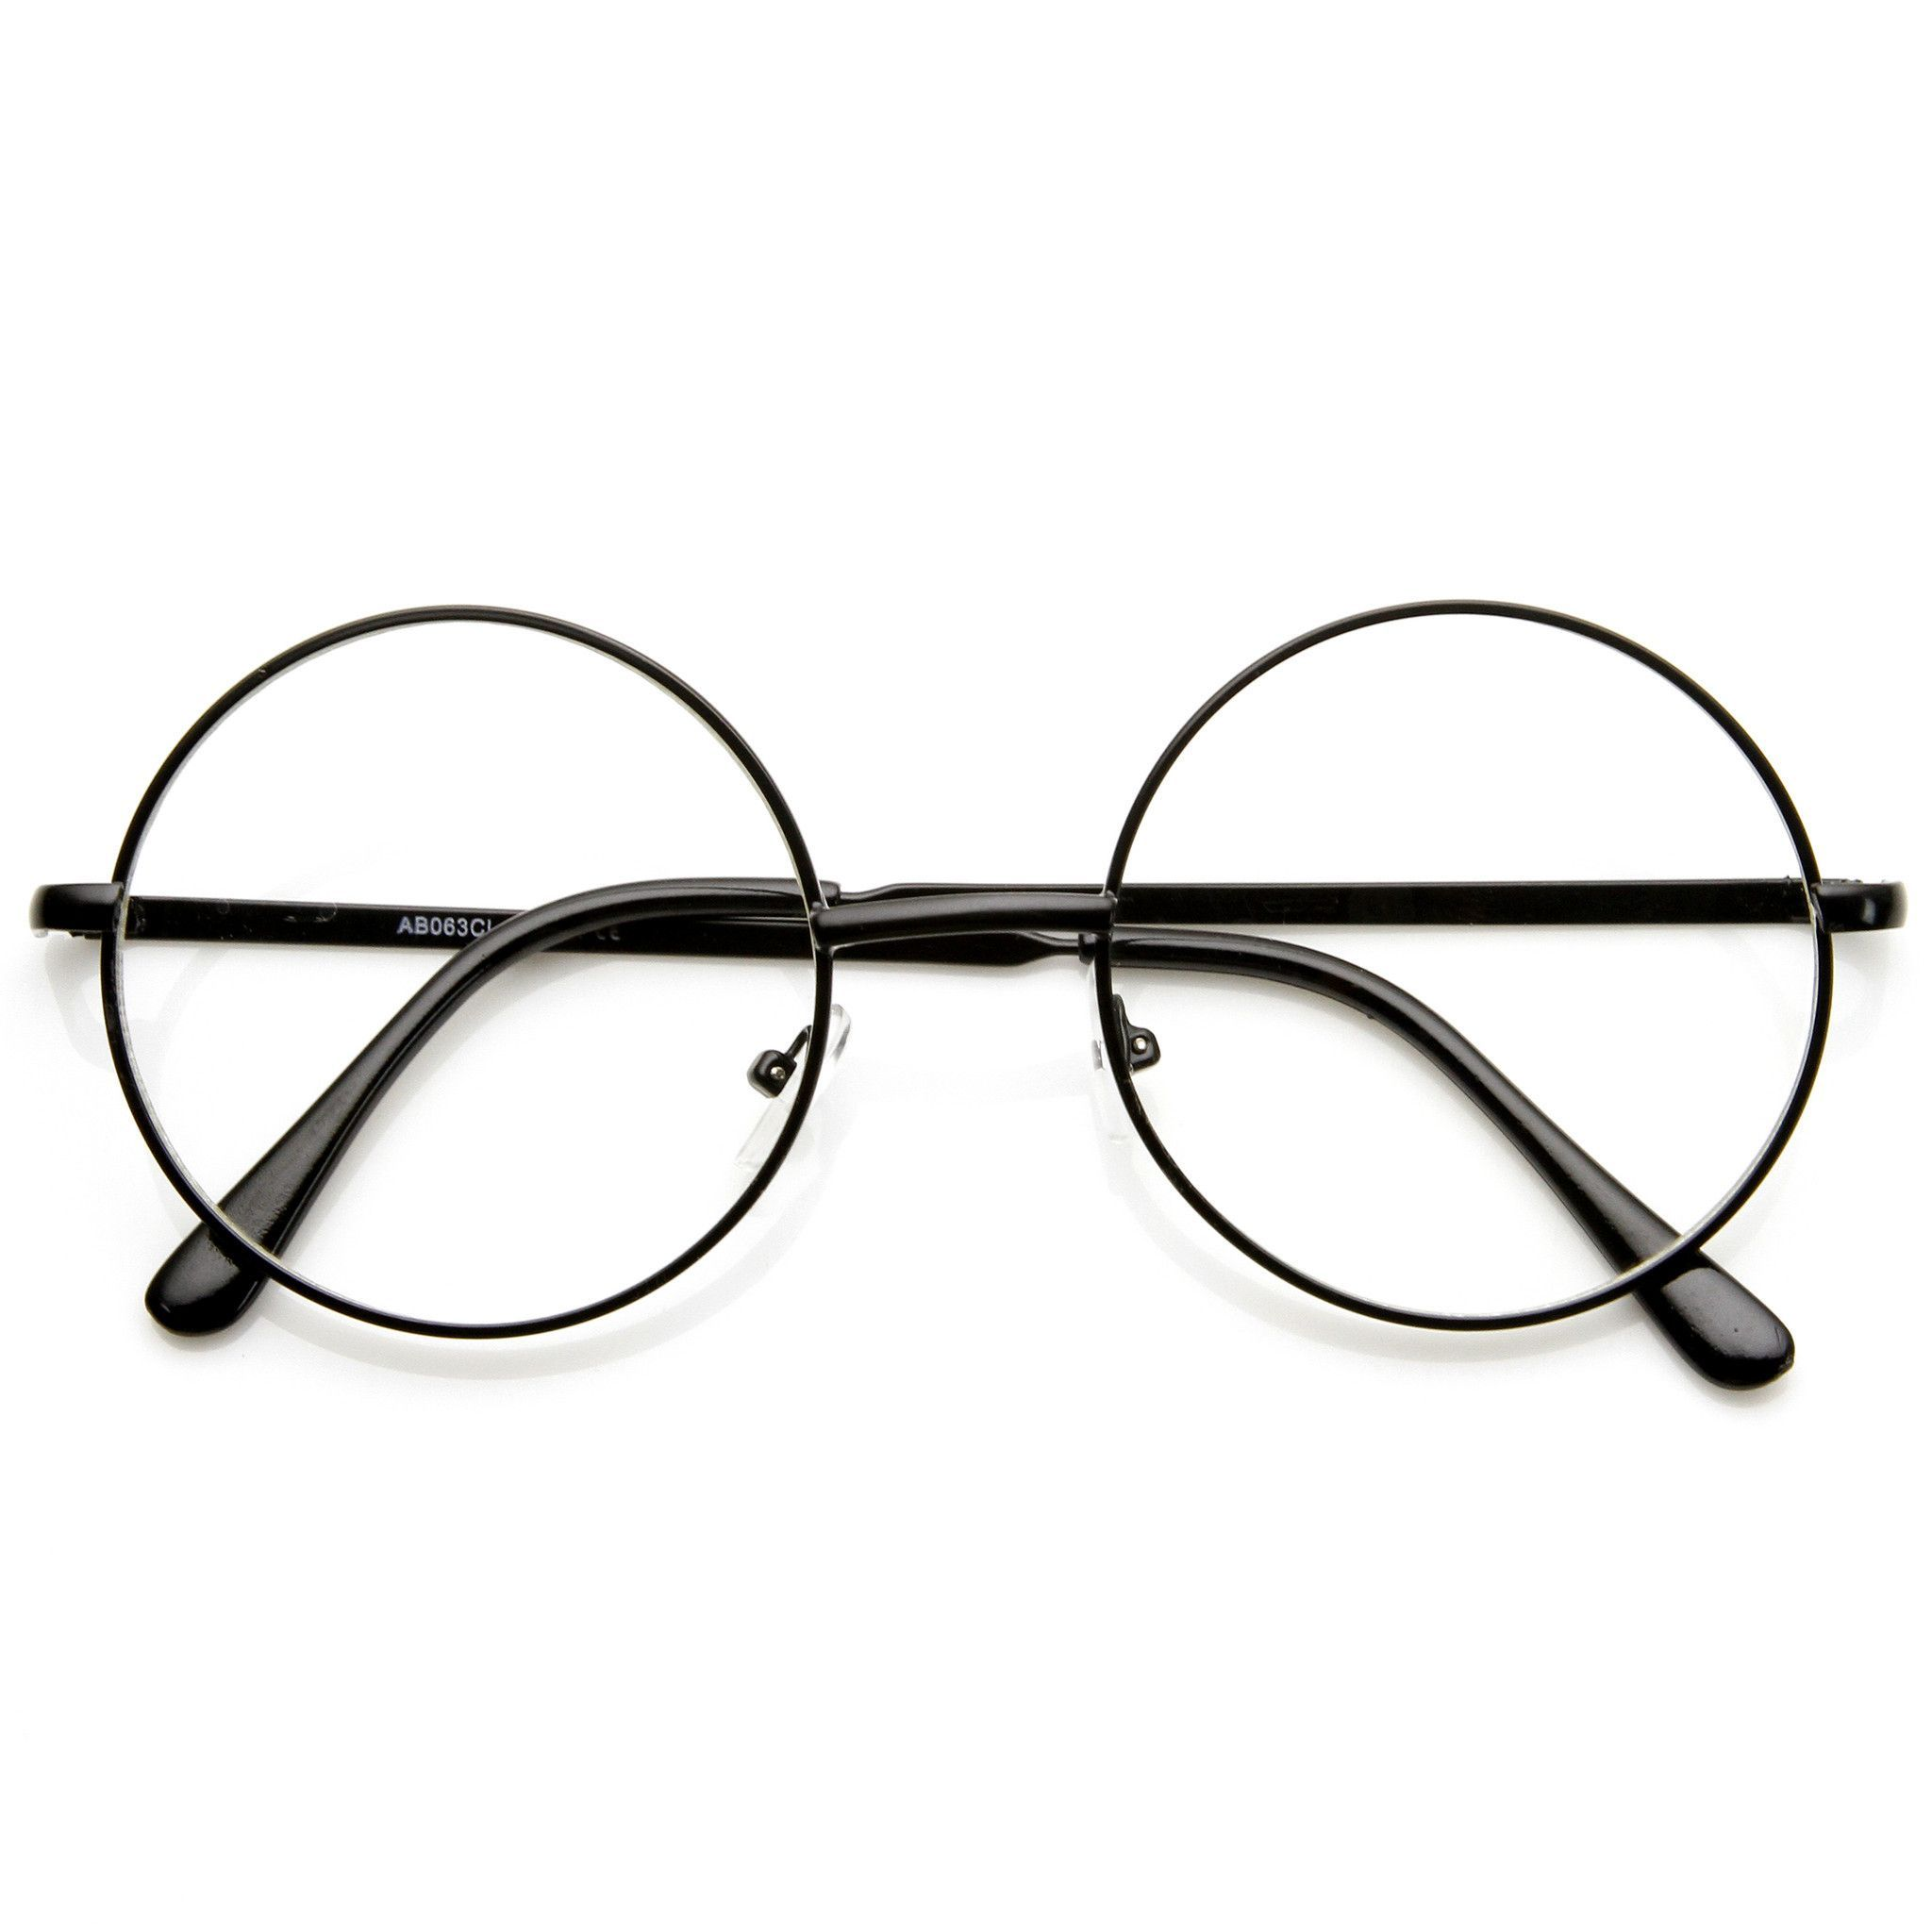 Vintage Lennon Inspired Clear Lens Round Frame Glasses 9222 | Pinterest